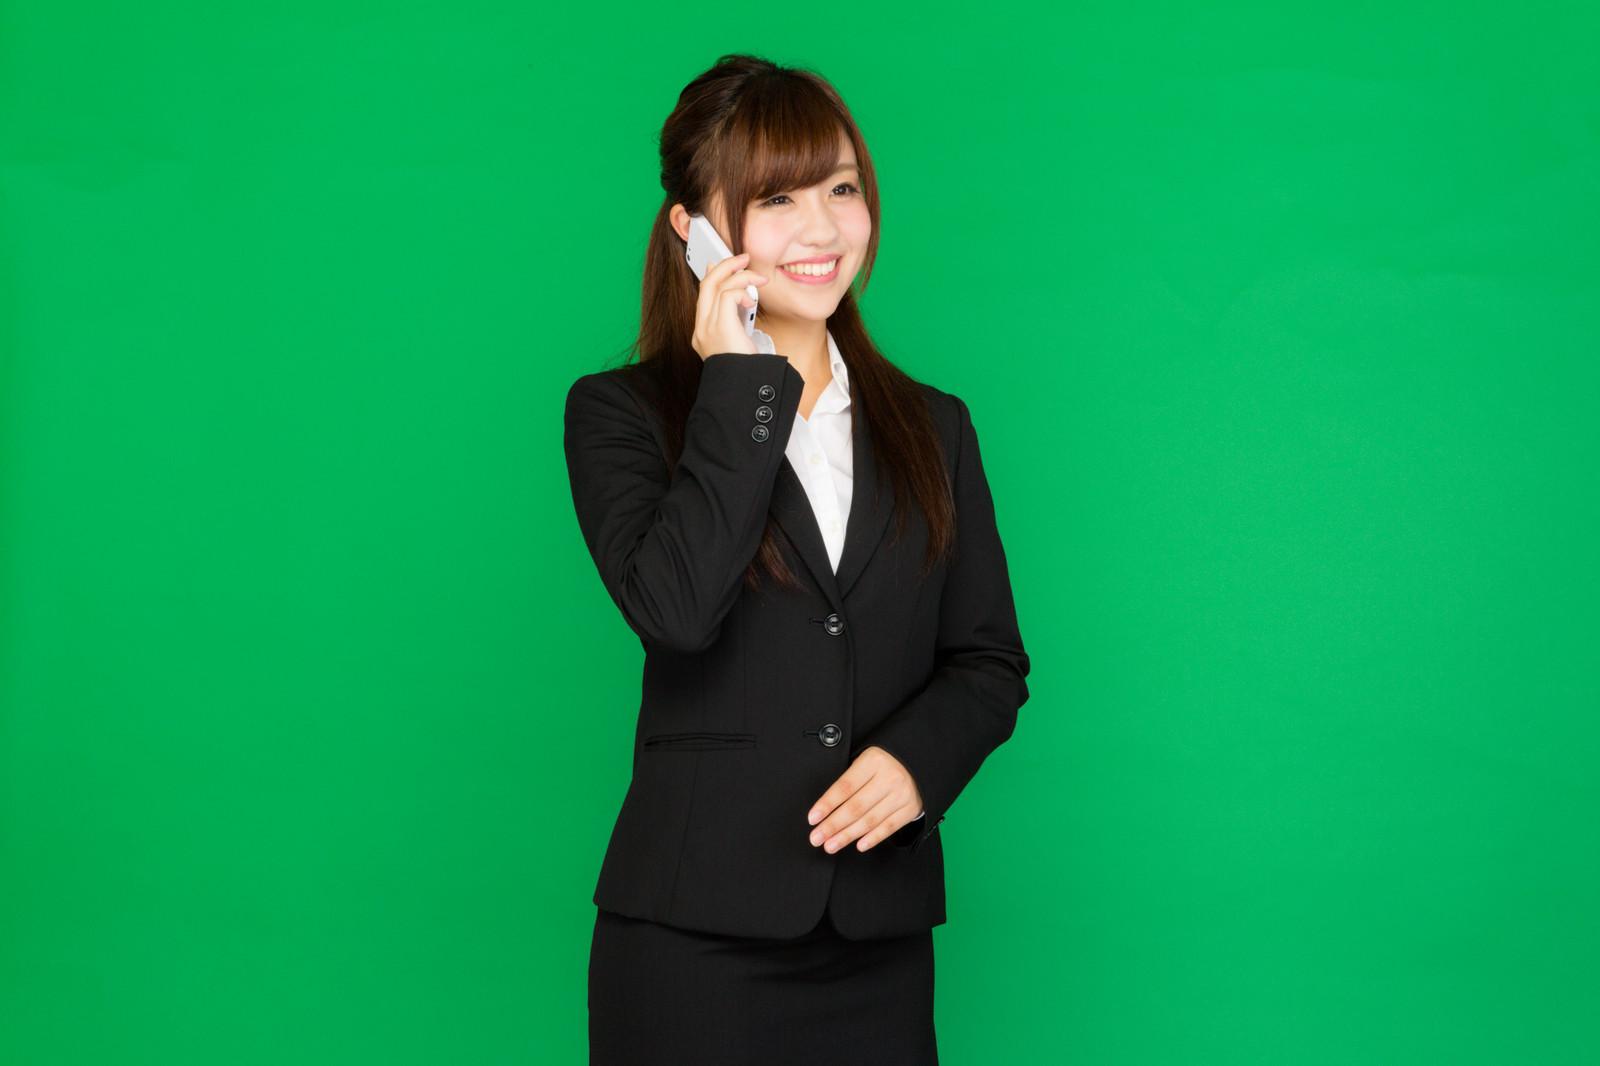 新入社員が電話に出てくれる画像